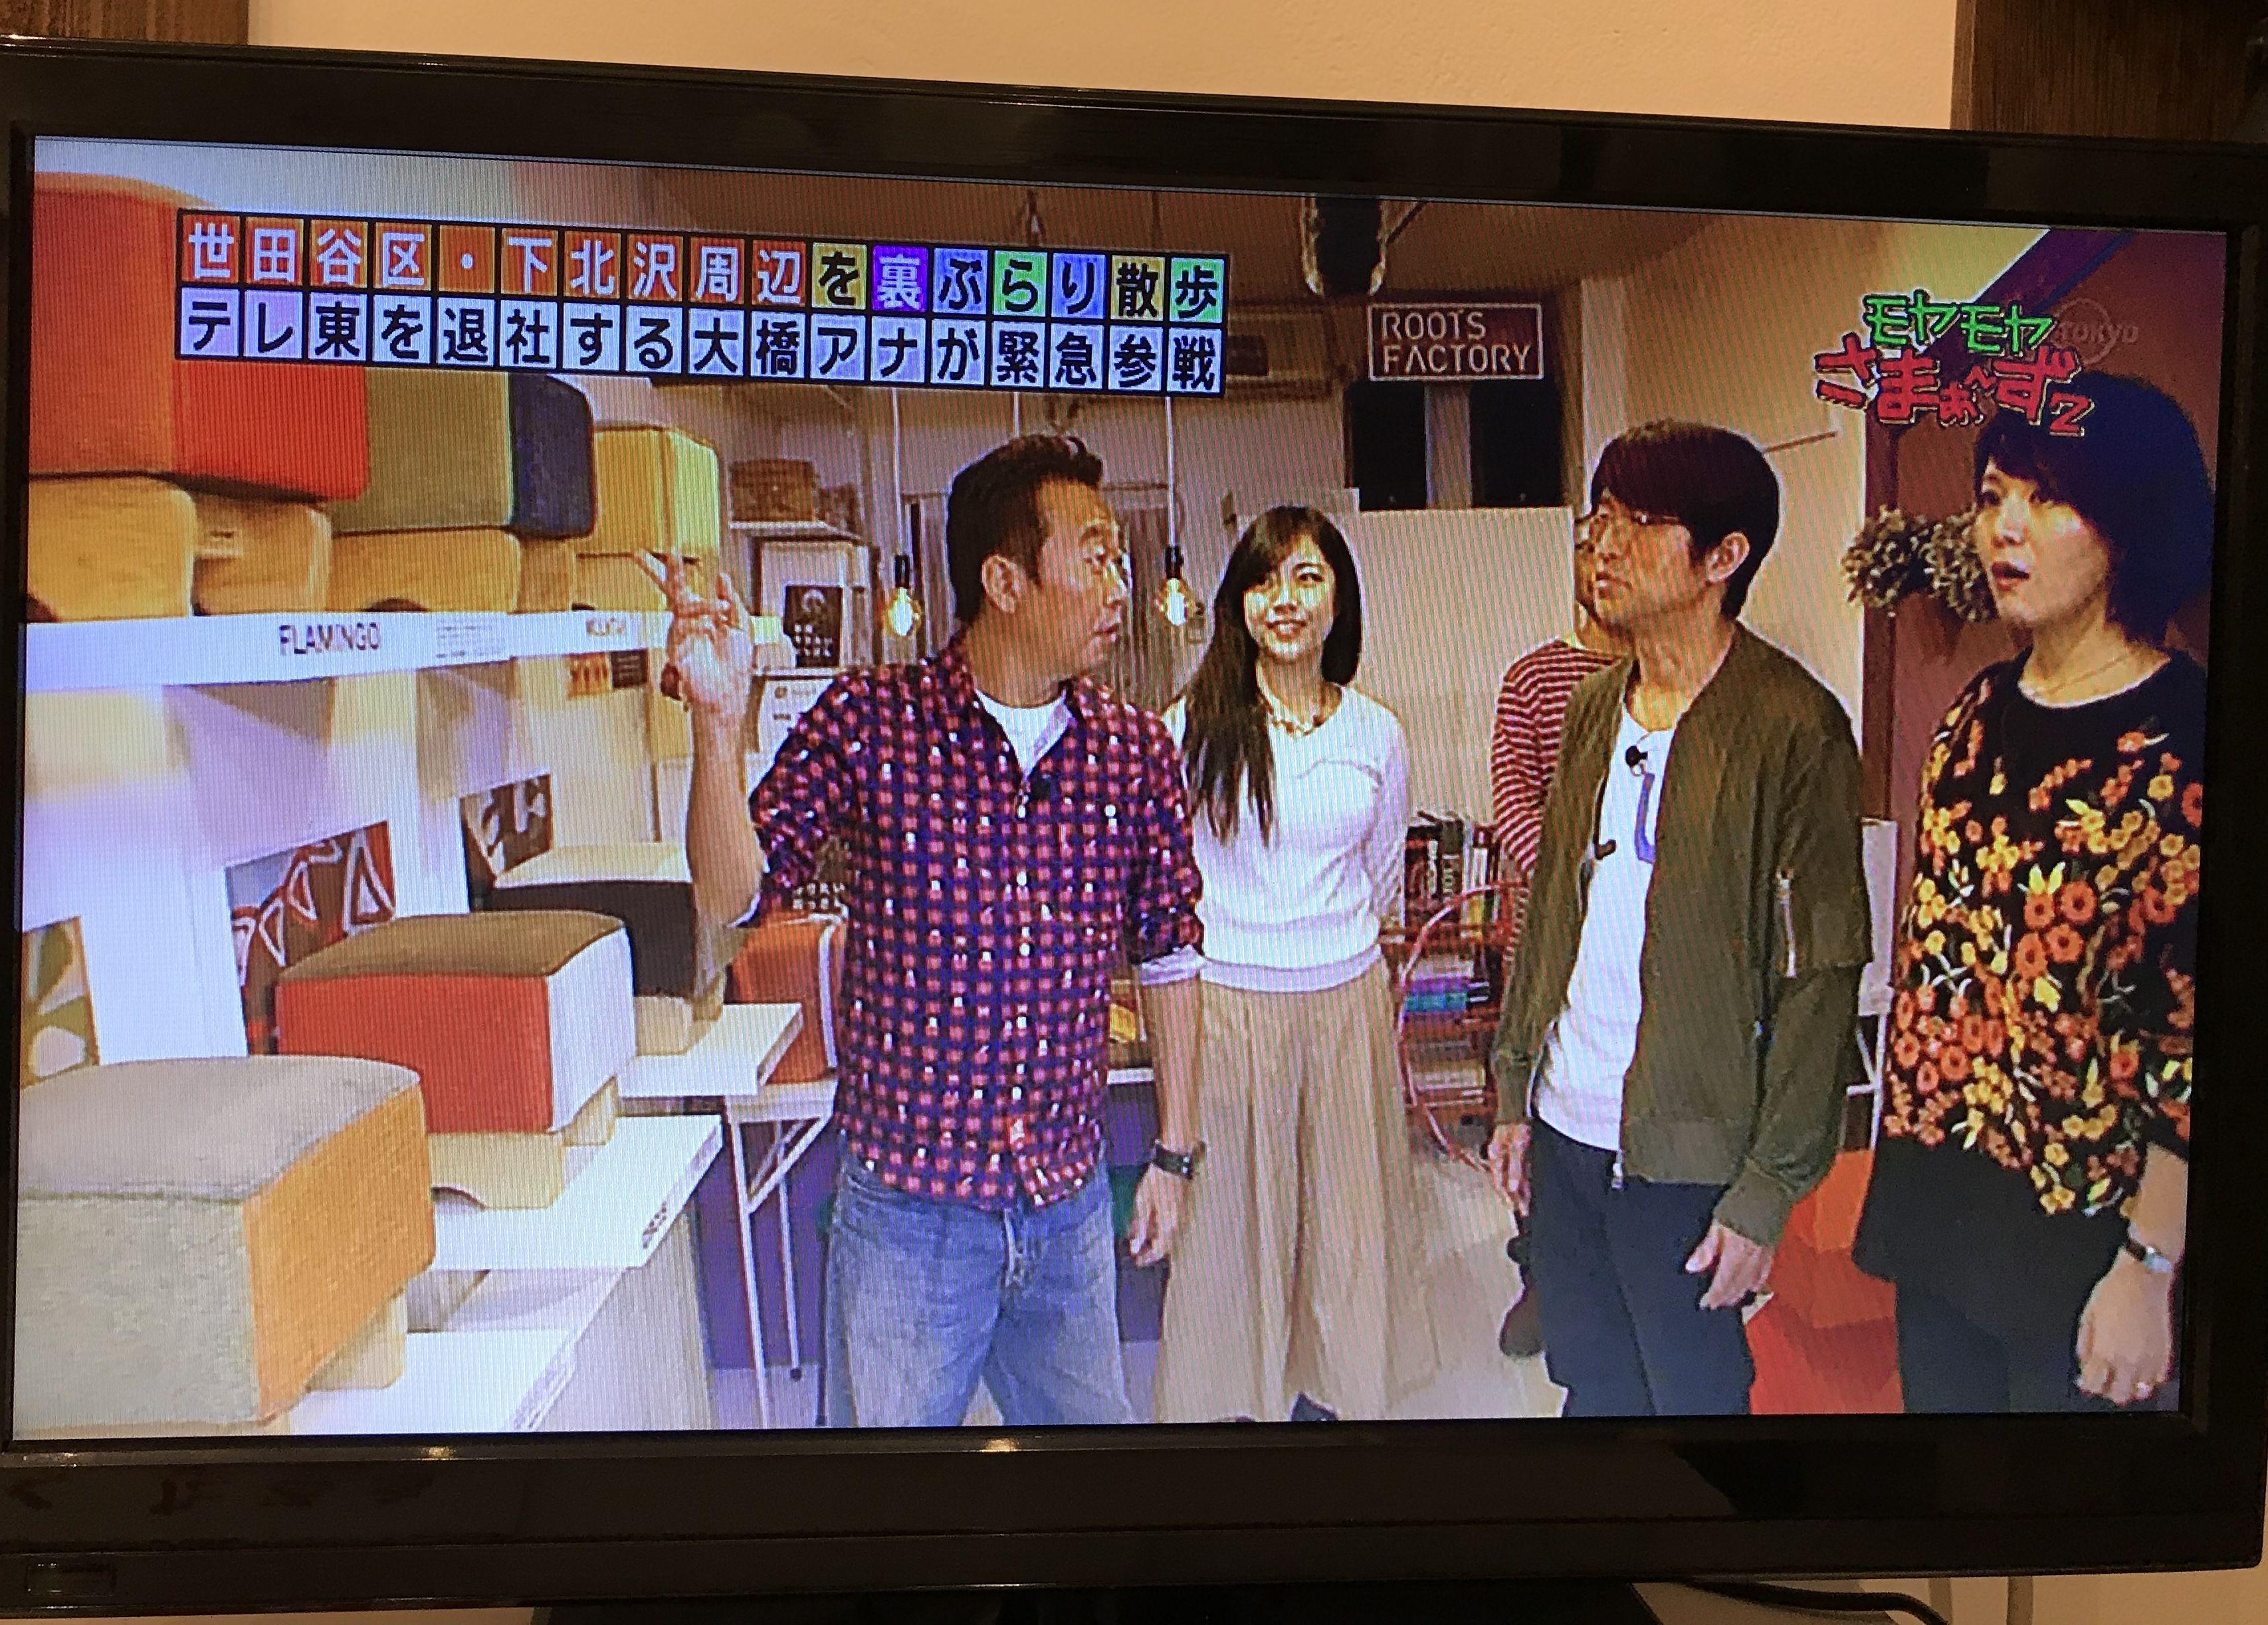 さまぁ~ずの大竹さんと三村さん、大橋アナウンサーがルーツファクトリー東京店に